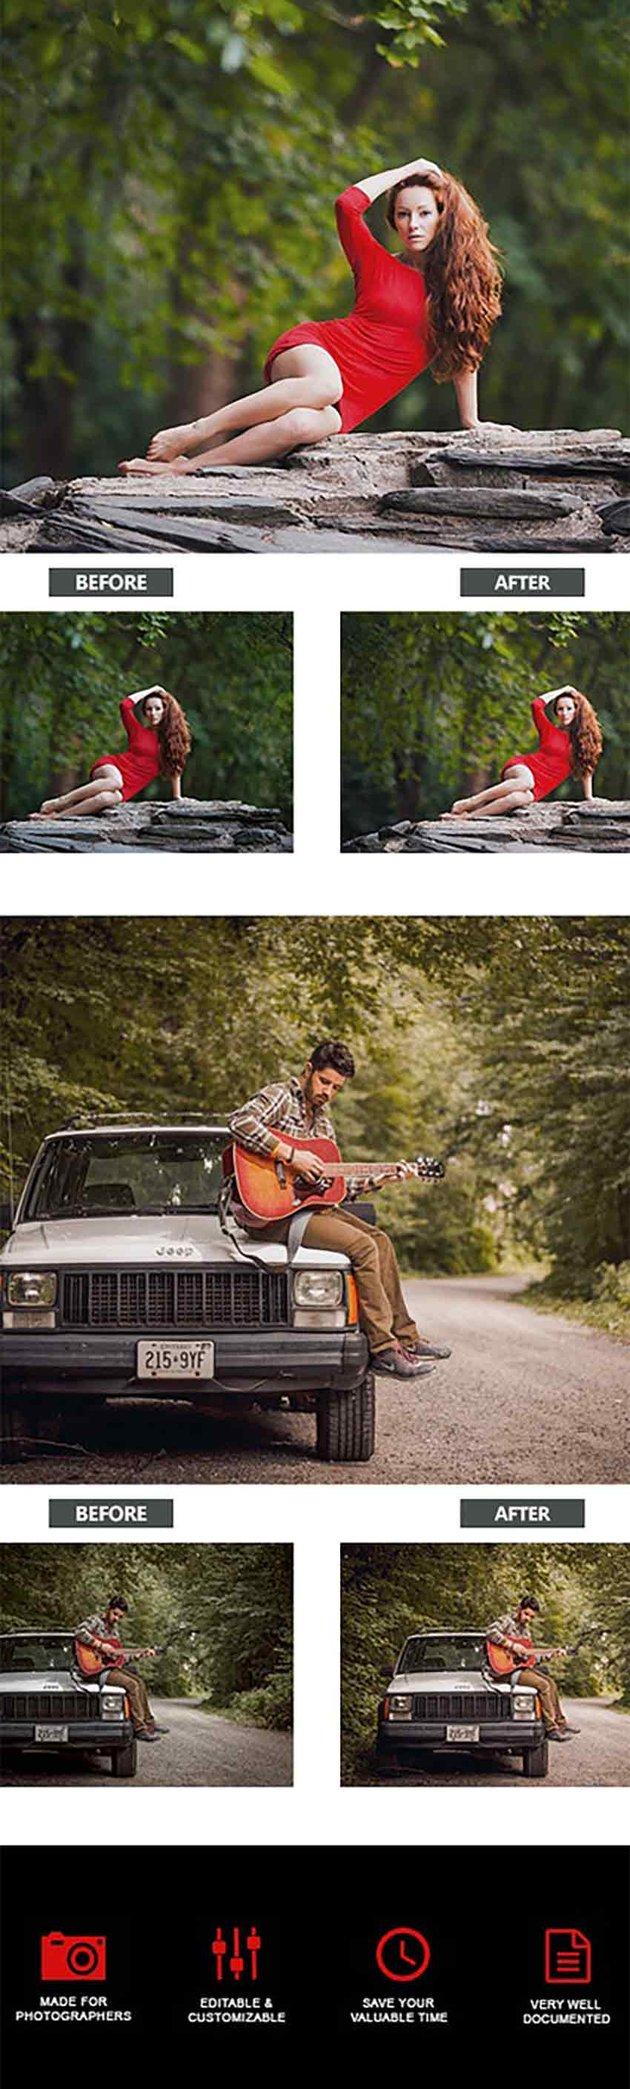 Portrait Photography Actions